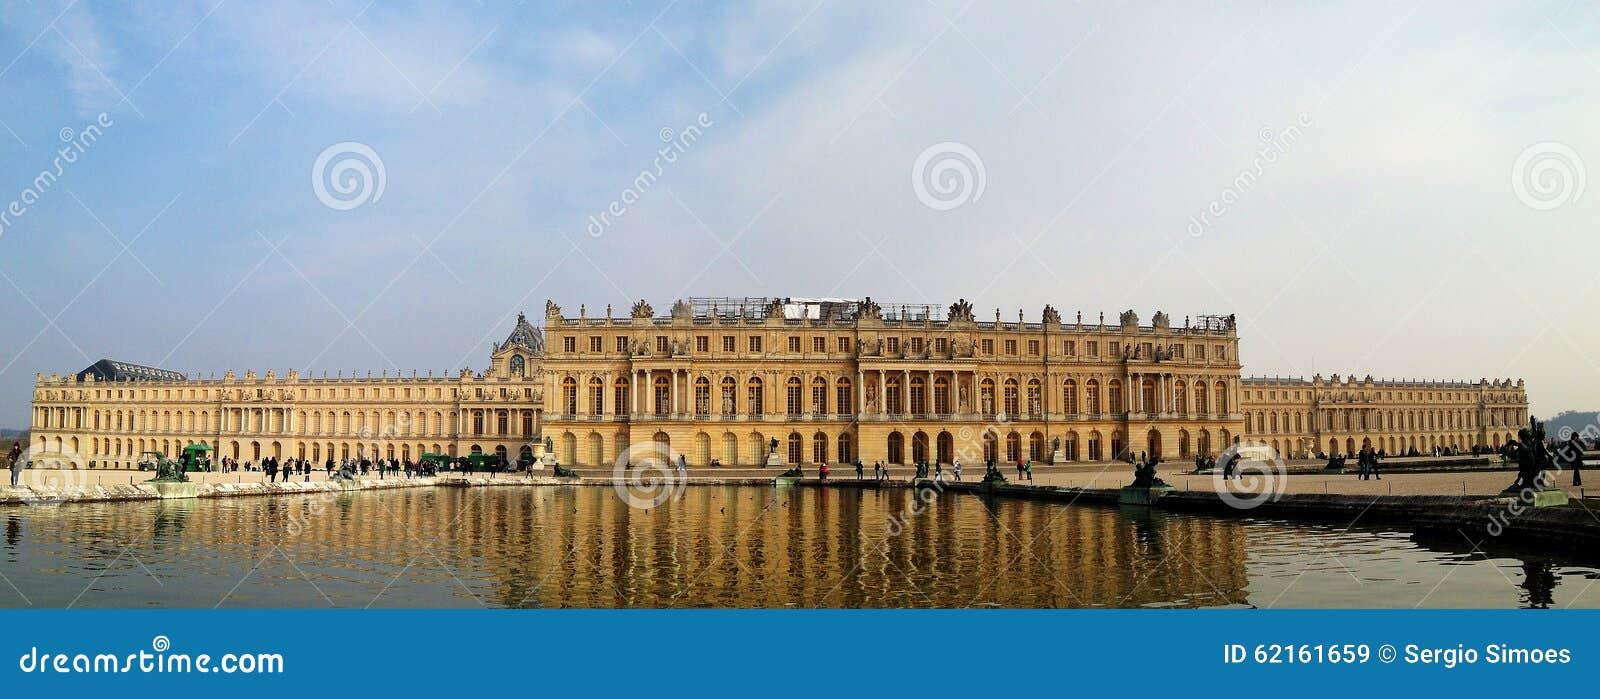 Palast von Versailles